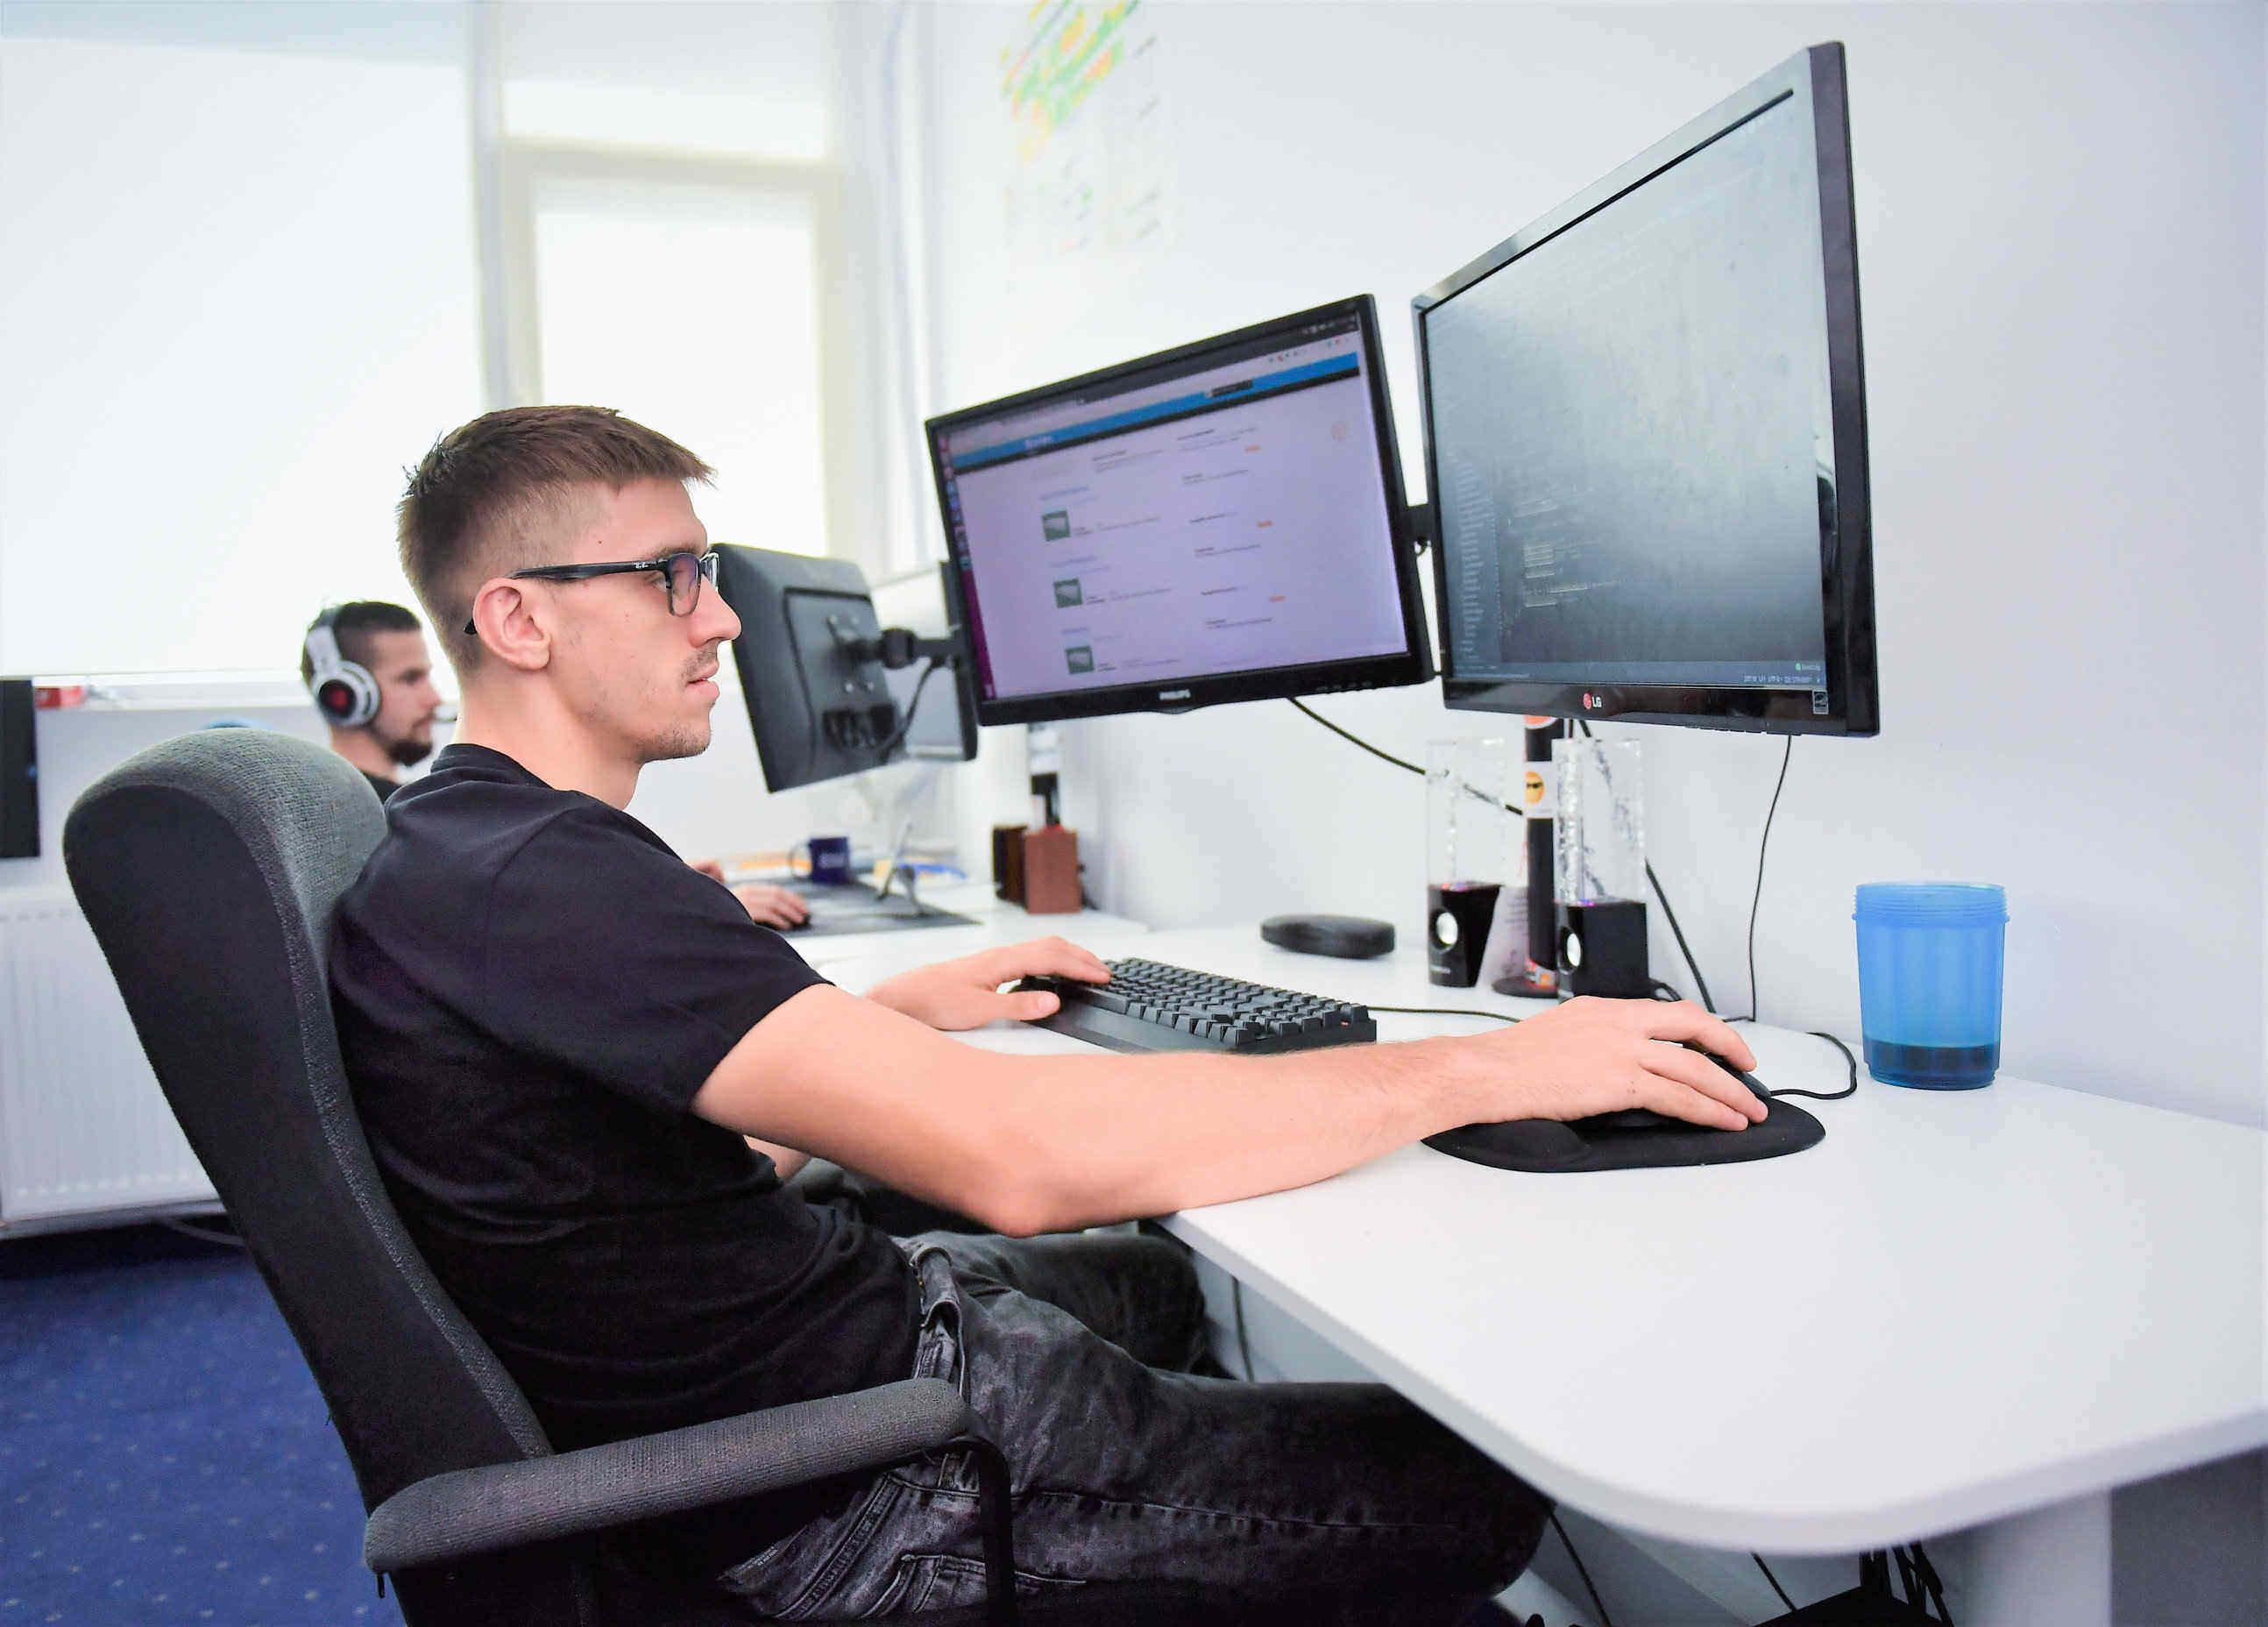 https://assist-software.net/A%20Beginner%60s%20Intro%20to%20Vue.js%202-ASSIST-Software